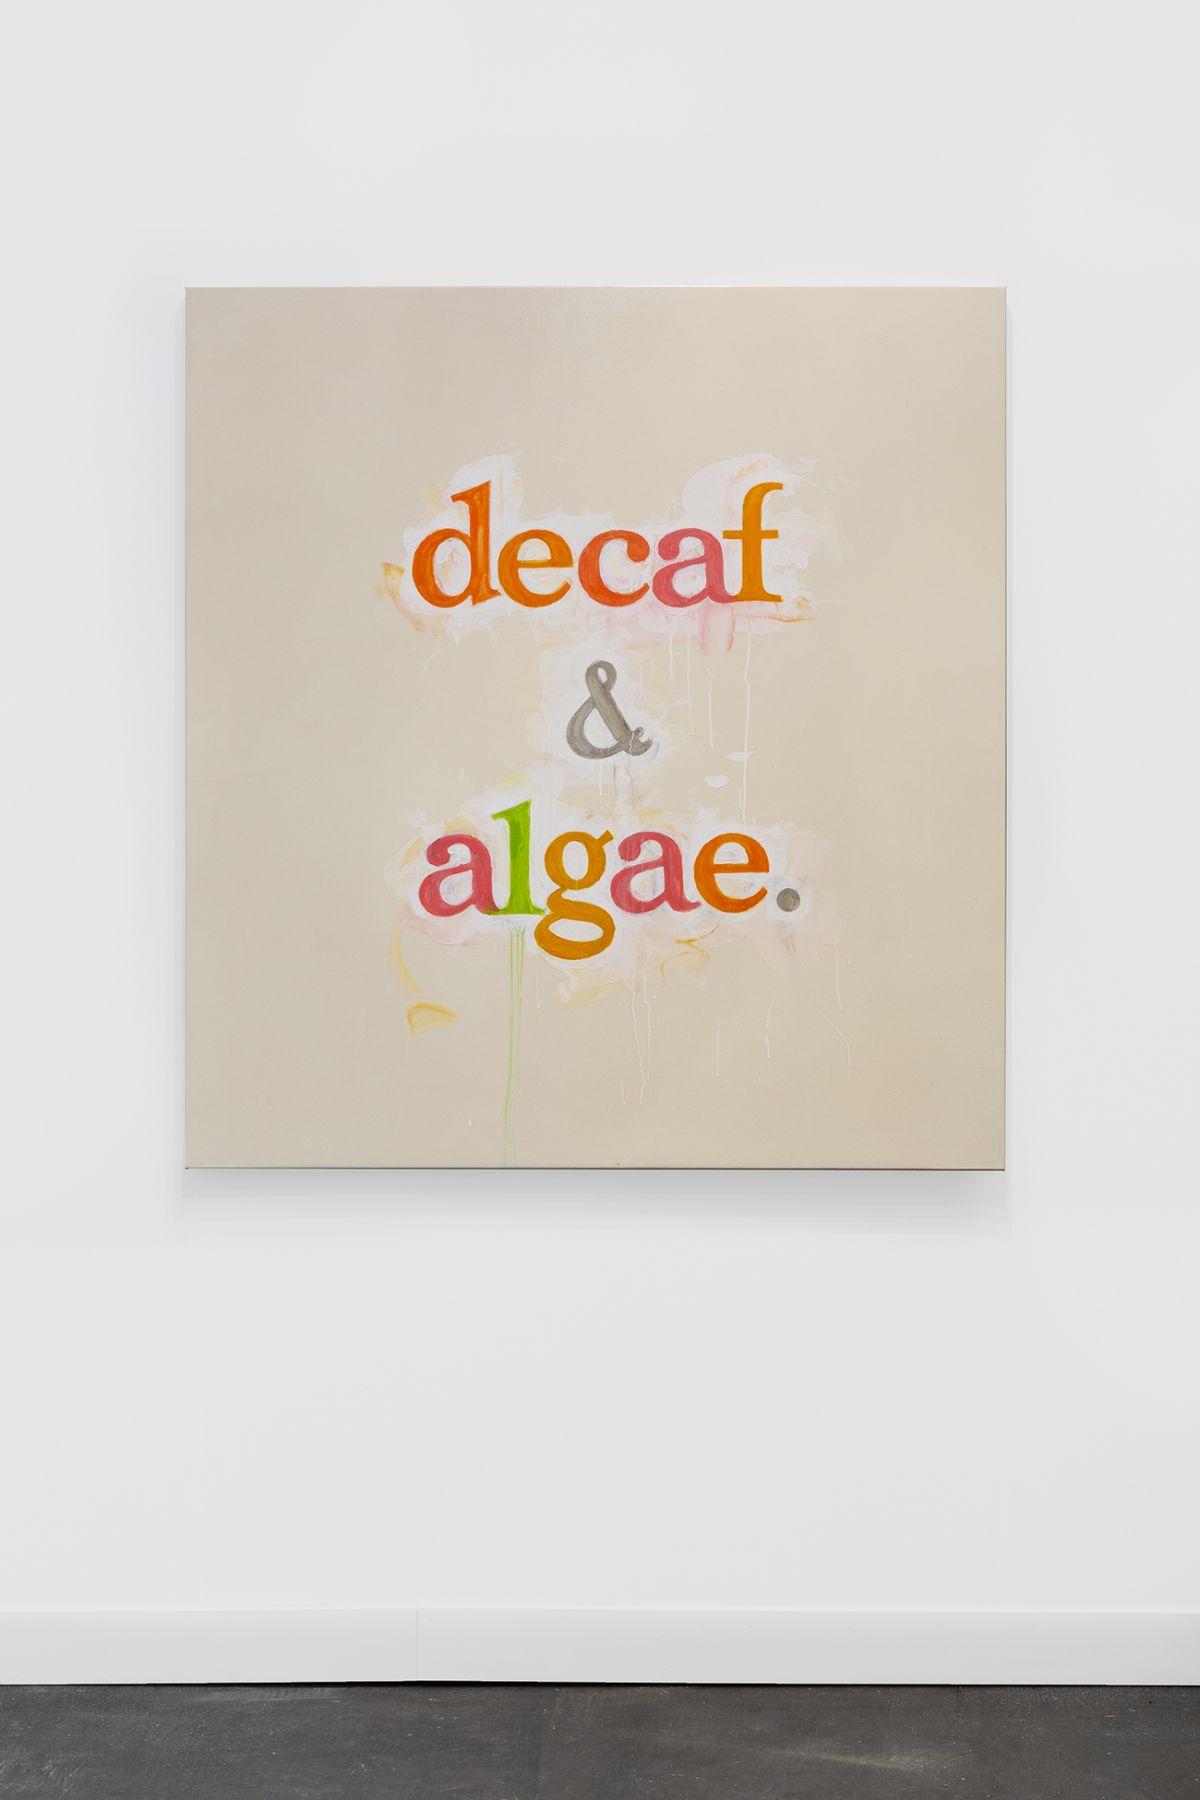 Ricci Albenda decaf & algae., 2018